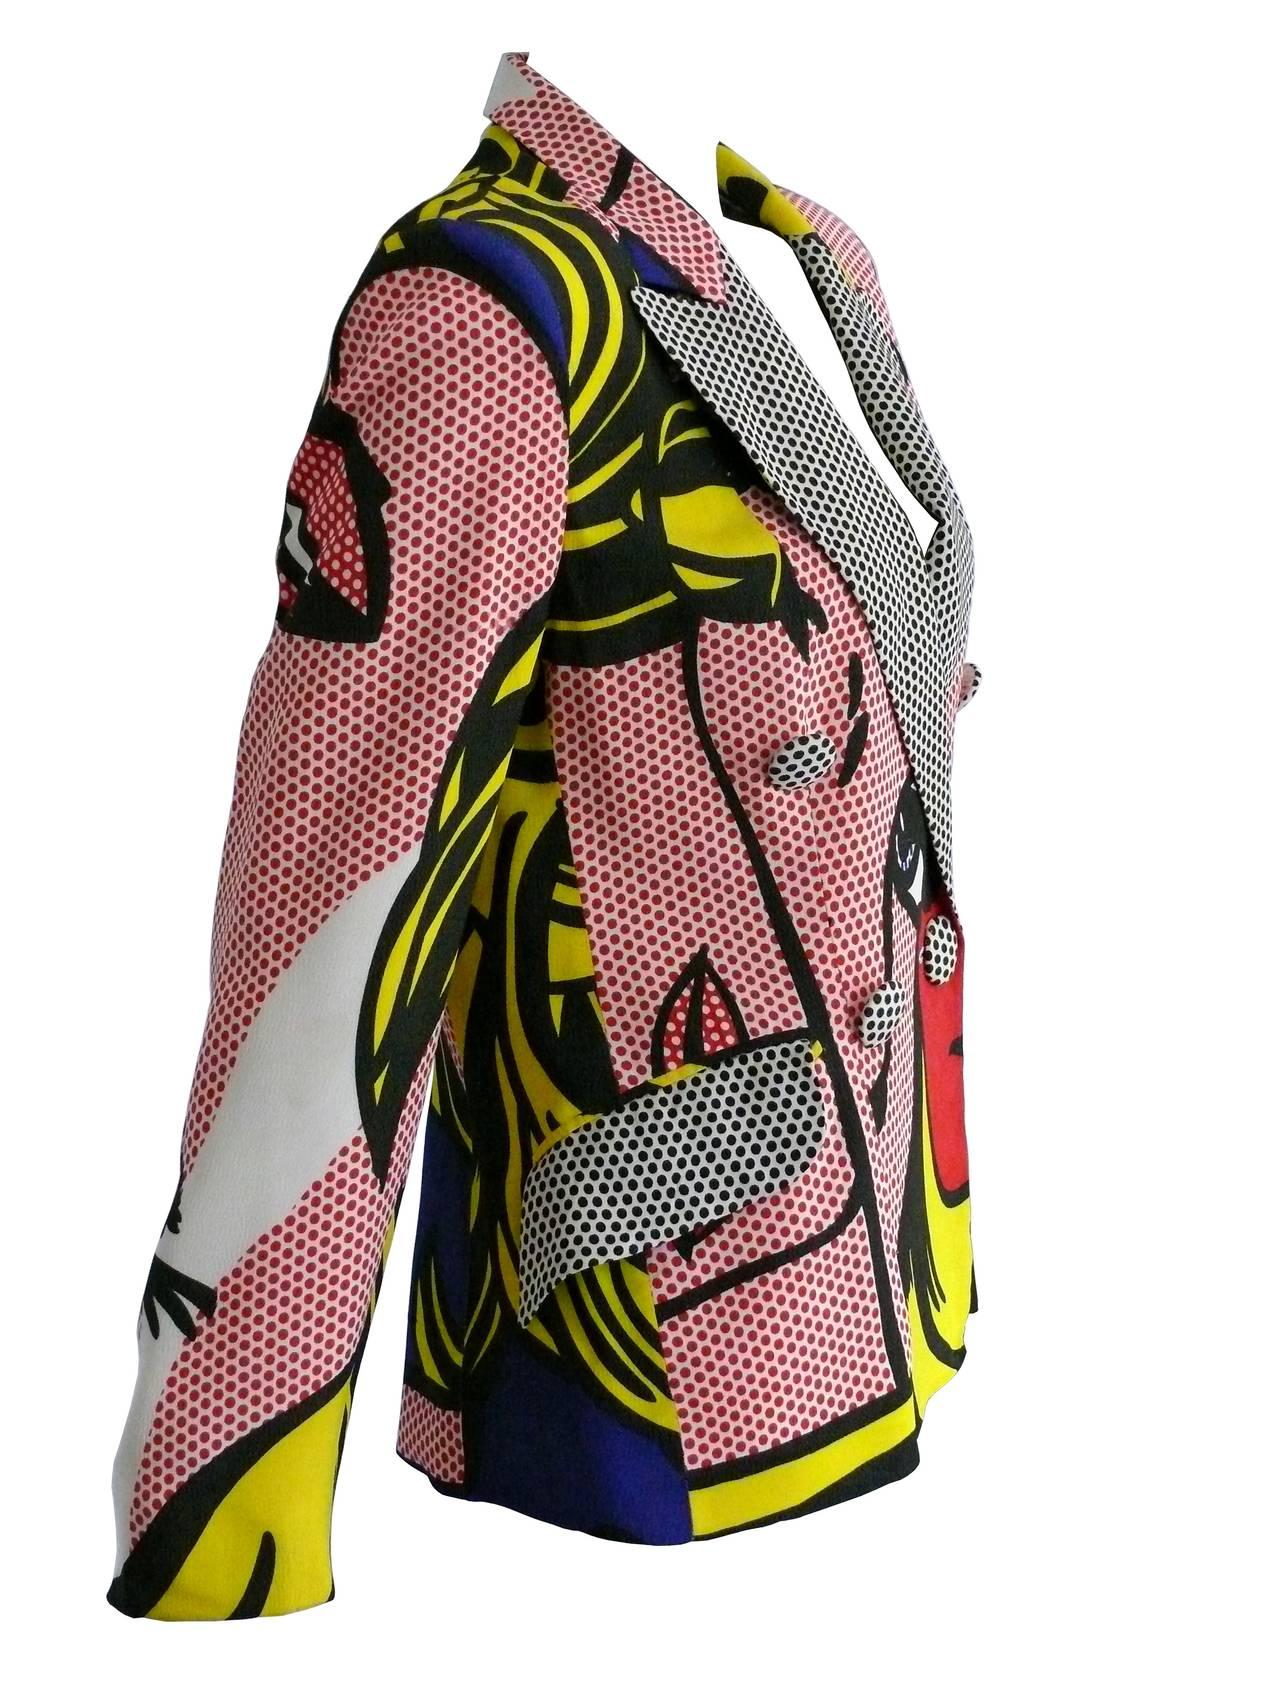 Moschino Rare Spring/Summer 1991 Pop Art Roy Lichtenstein Blazer 2